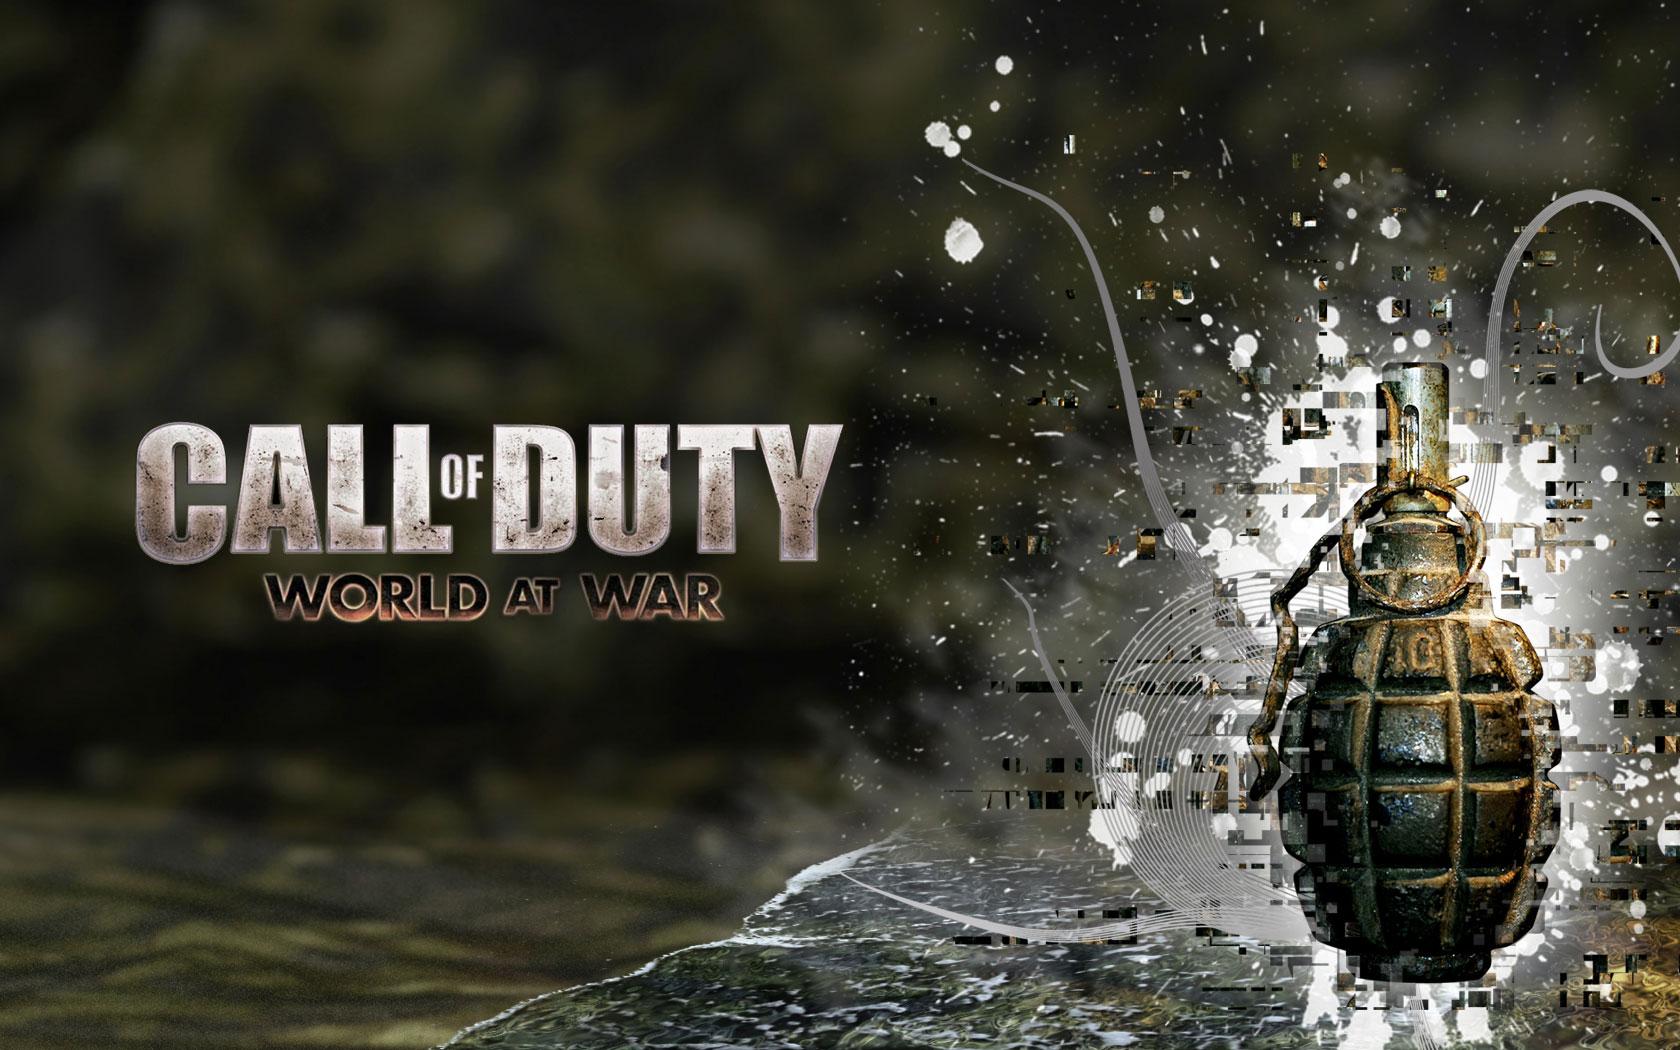 Call of Duty Wallpapers HD | PixelsTalk Net